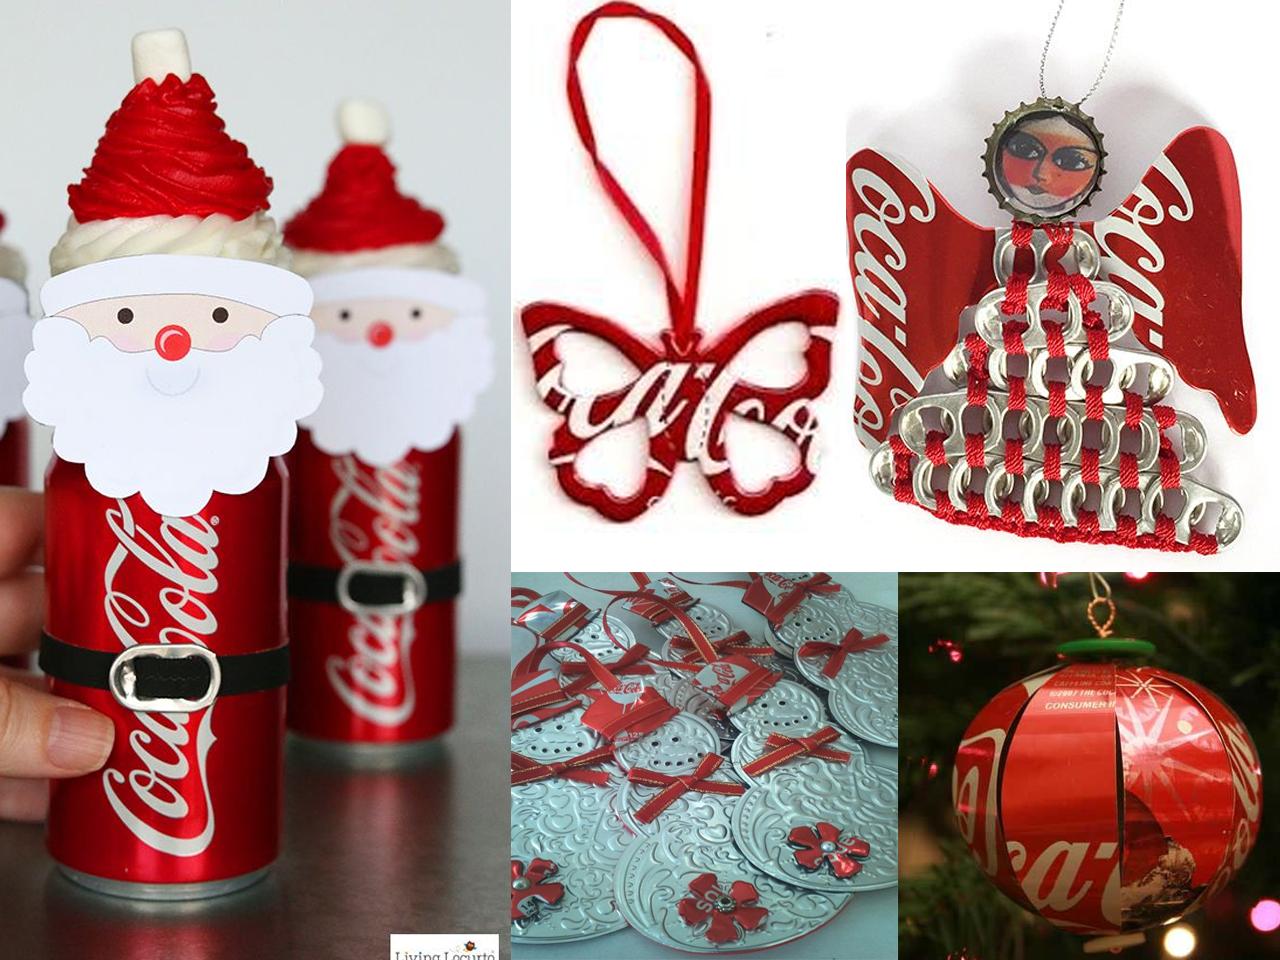 Descubre un mont n de manualidades con latas de coca cola - Manualidades munecos de navidad ...